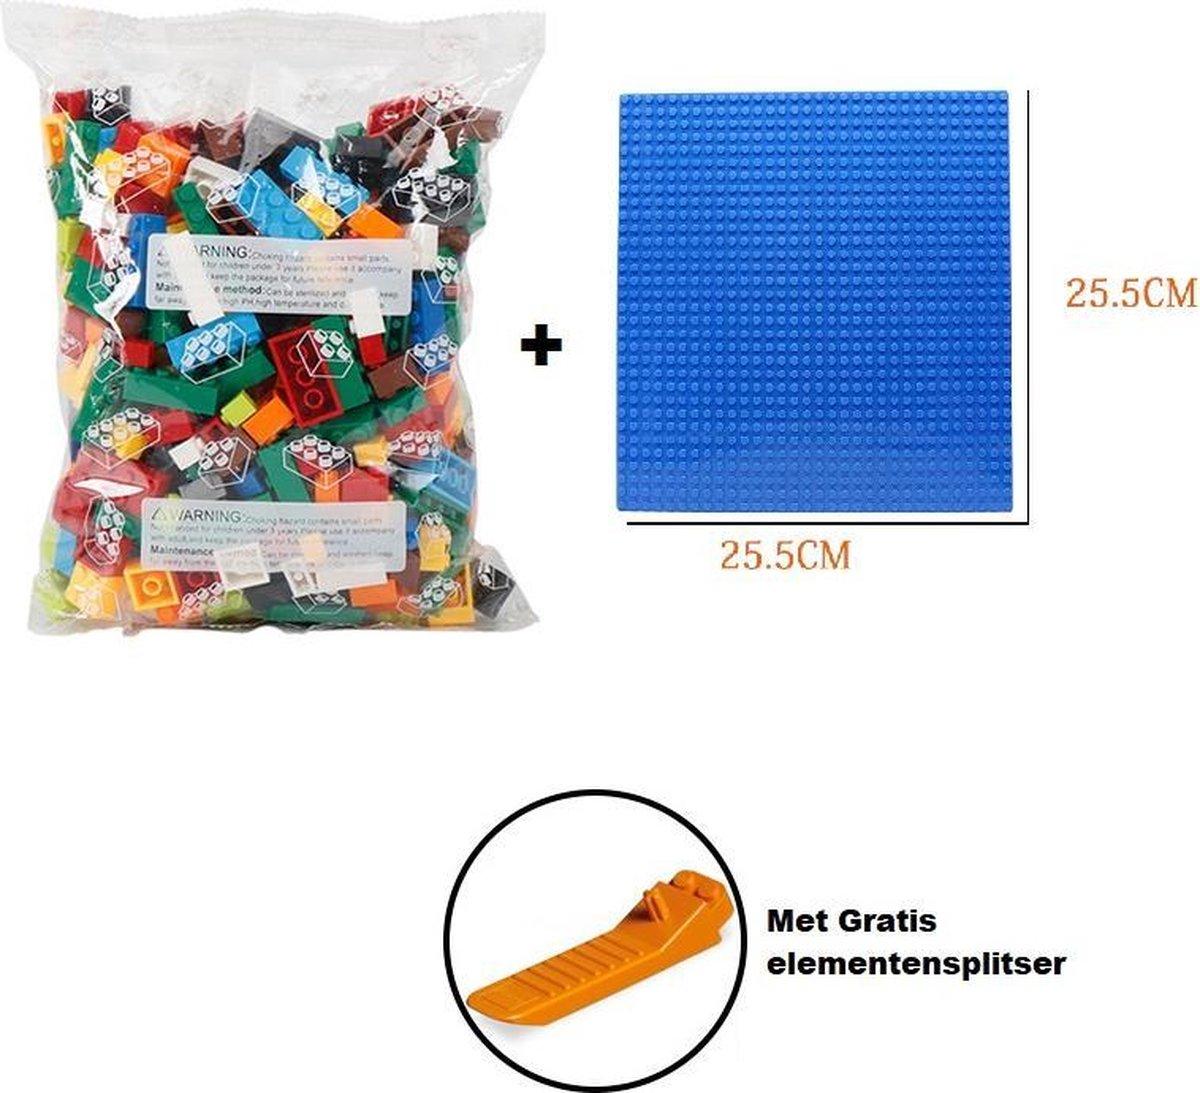 Replica Lego bouwstenen met Opbergmand | Bouwstenen | Verenigbaar met LEGO | 2 in 1 Speelgoed Opberg Kleed | Speelgoed Organize |Compatible with LEGO | Contructie Speelgoed | Inclusief Bouwplaten en LEGO elementensplitser | Bouwstenen Set Normaal